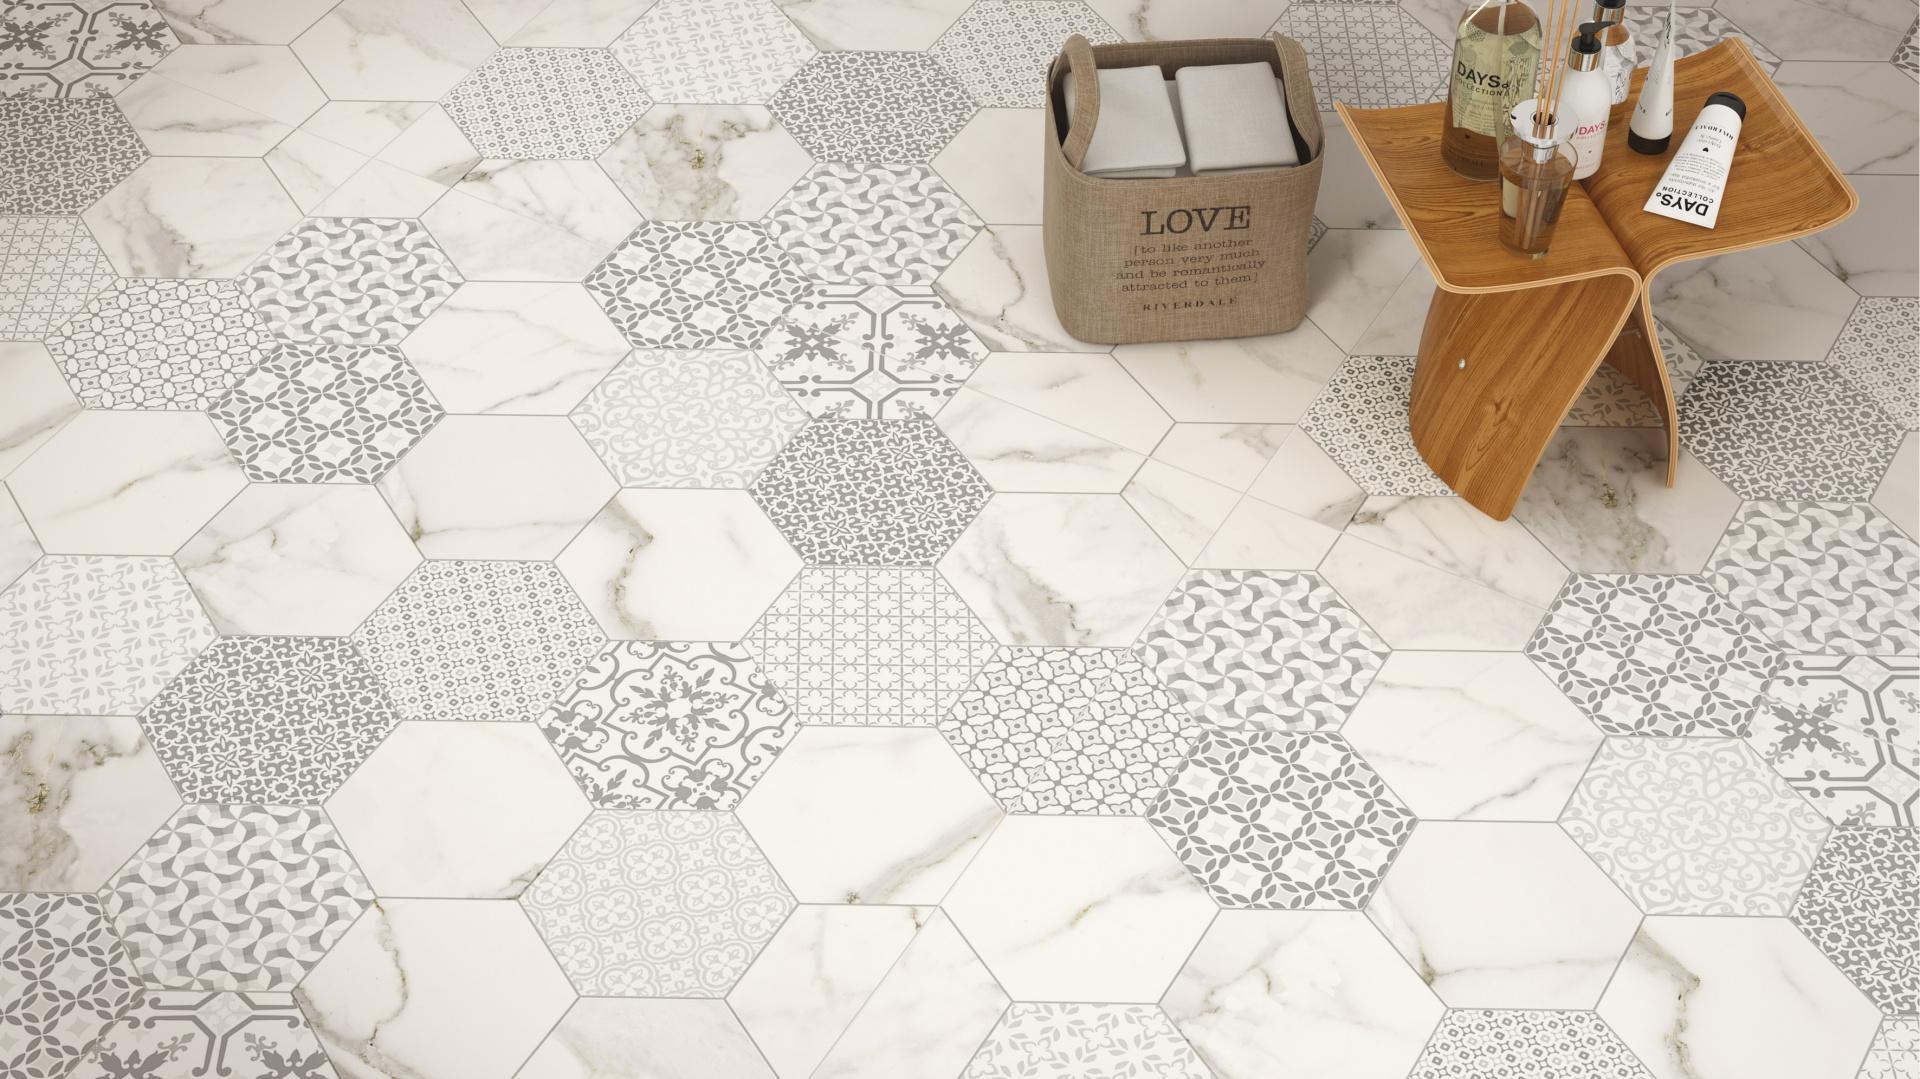 Jak tkanina zszyta z marmurem - płytki ceramiczne Infitity firmy Fondovalle. Fot. Fondovalle.